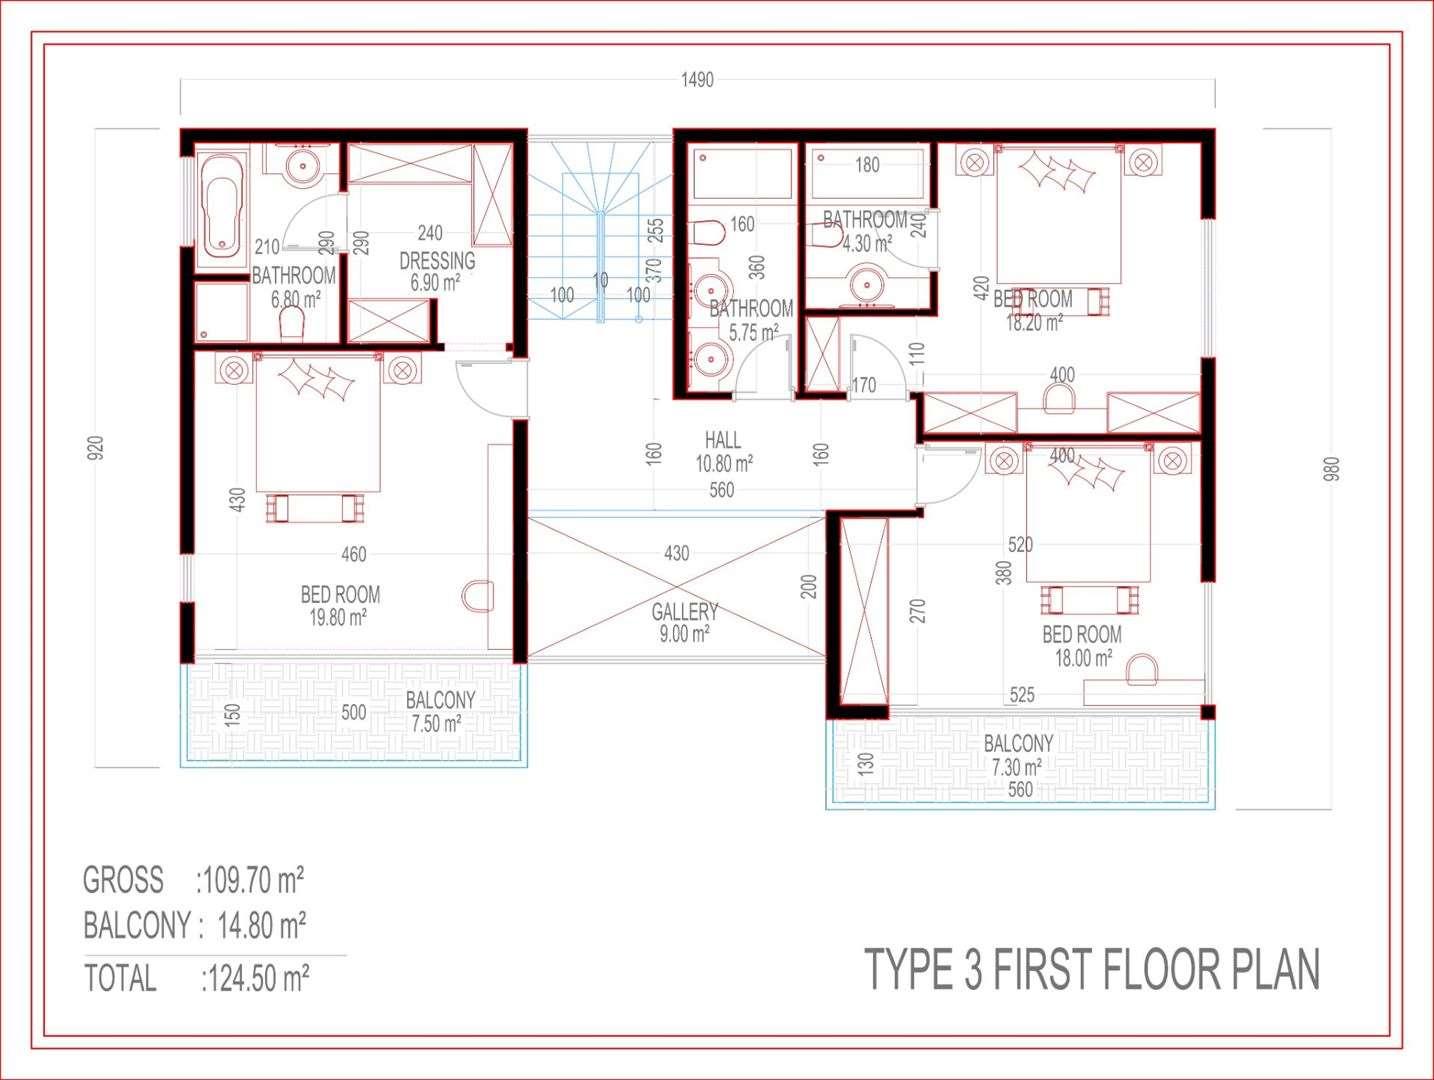 Type 3 First floor Plan